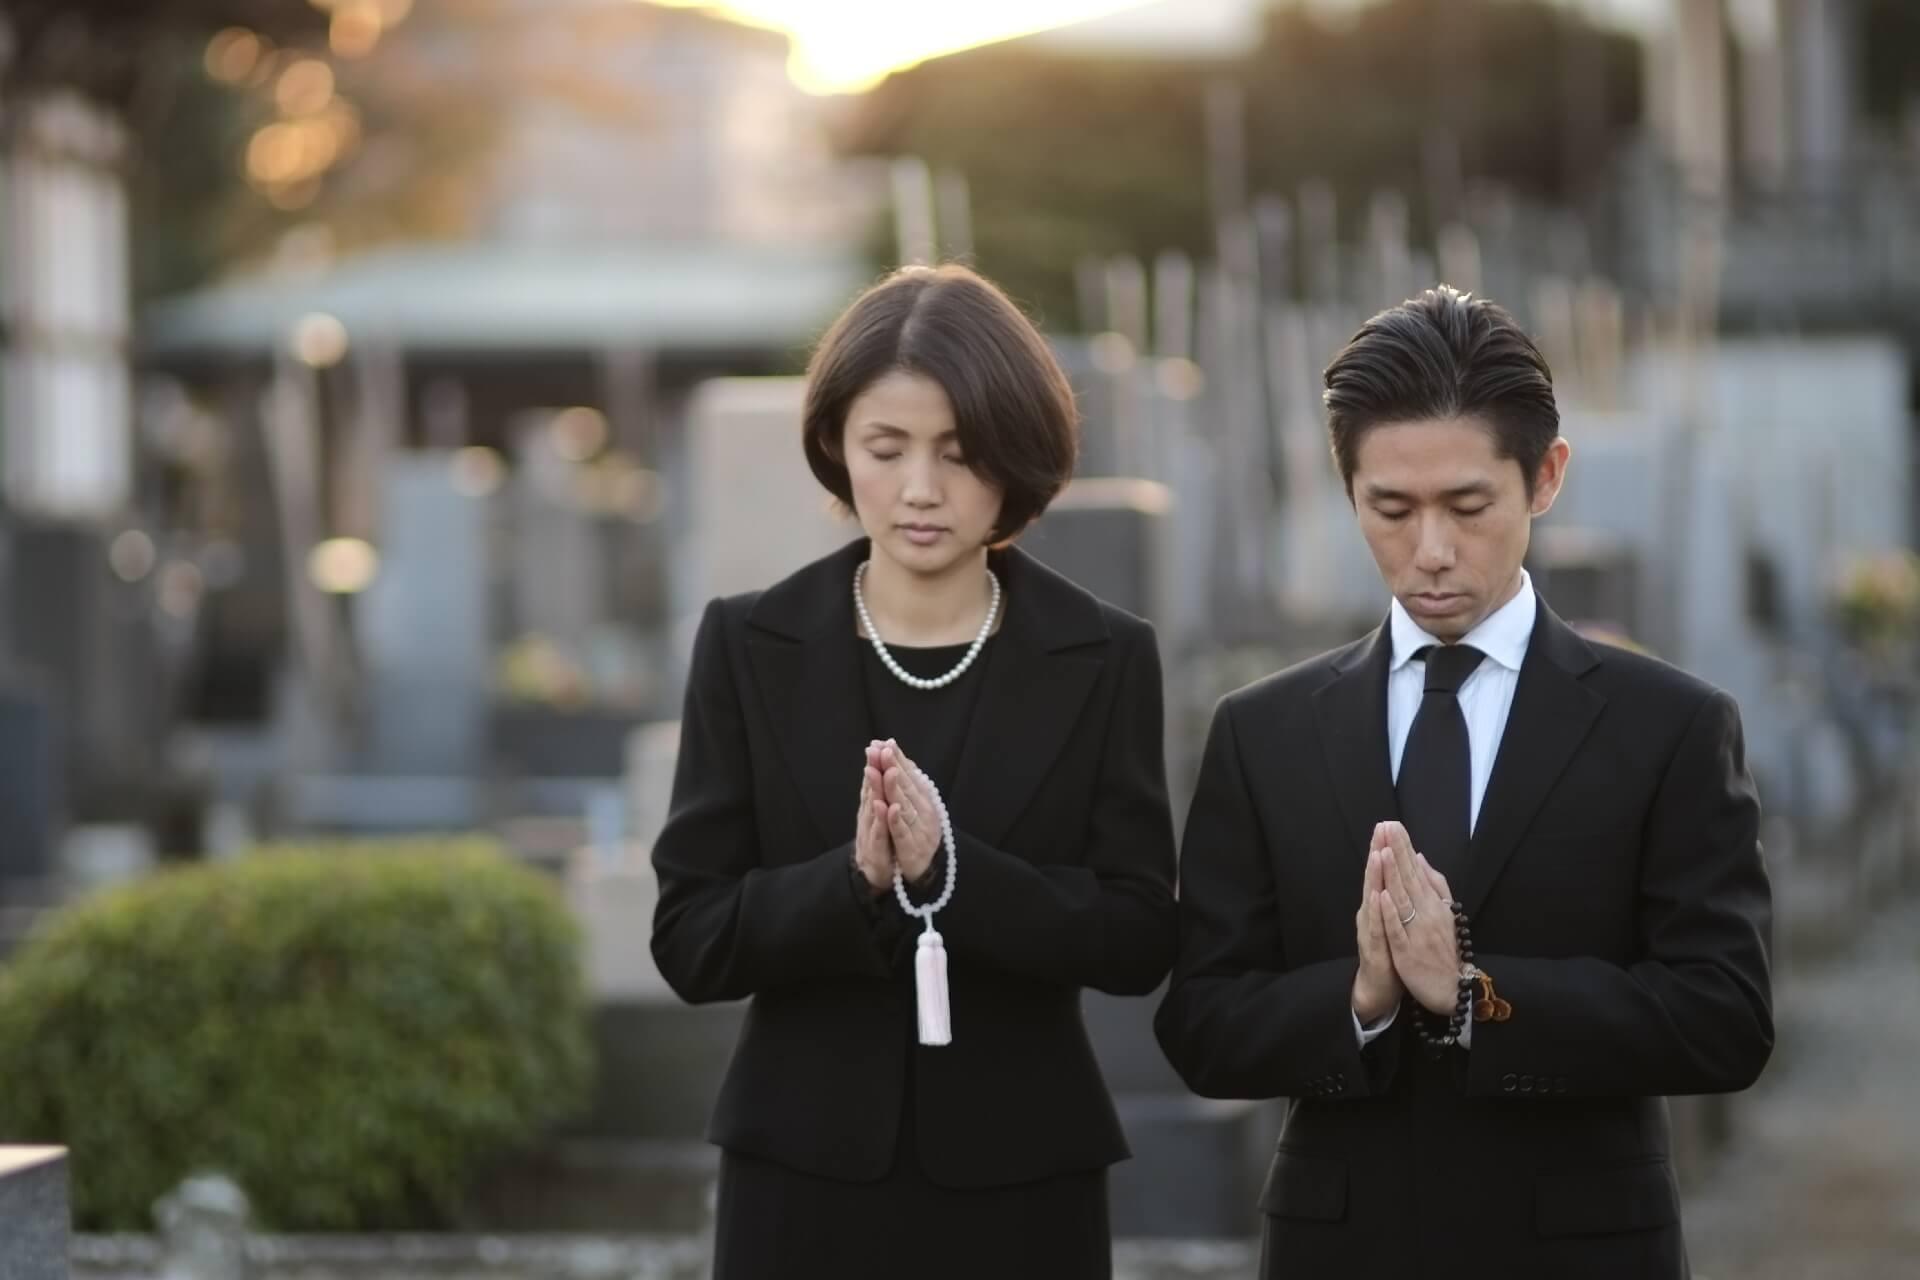 葬儀、納骨…必ずやってくる「親との別れ方」考えたことありますか?